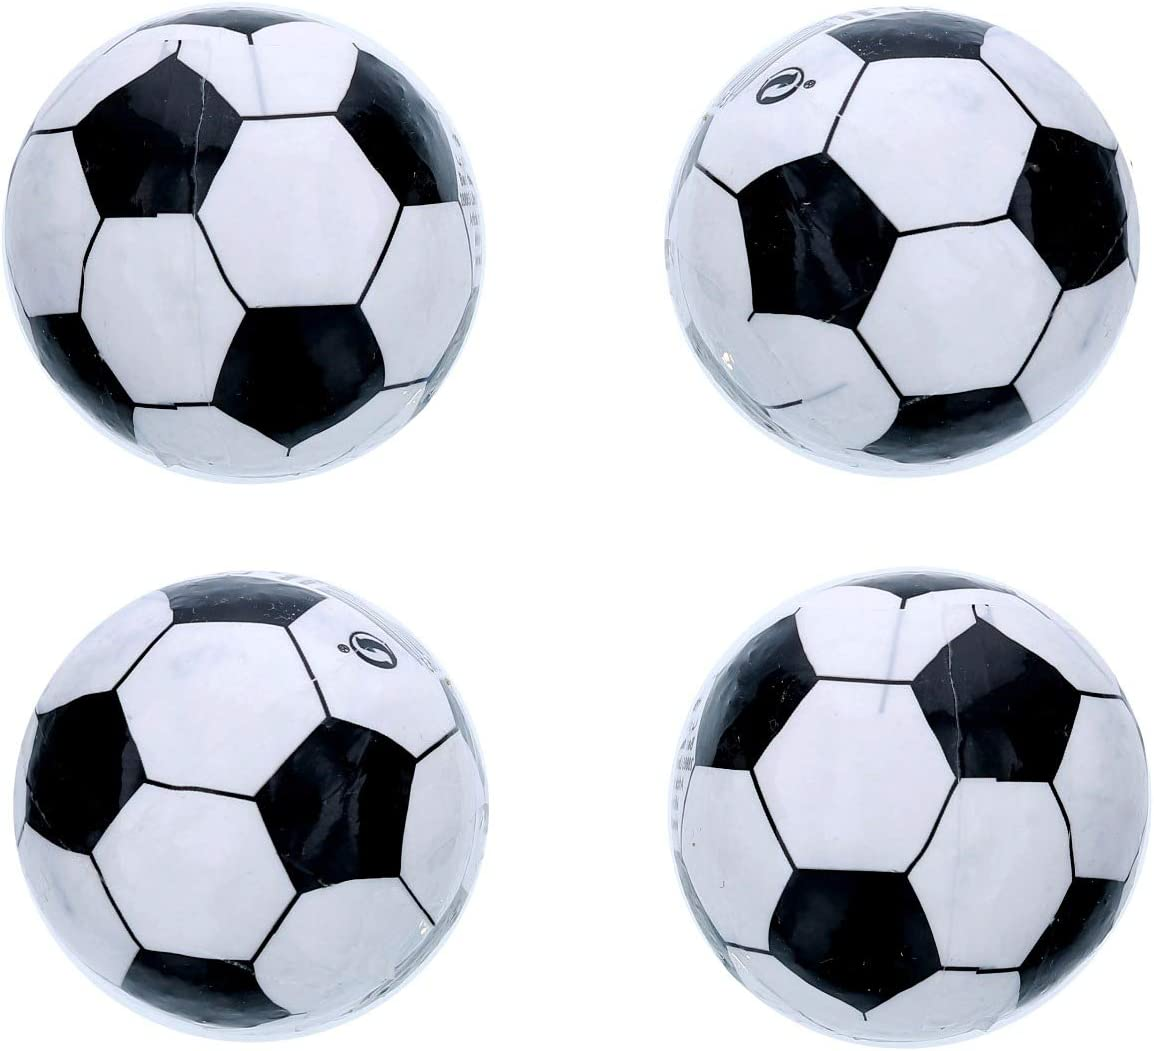 Out of the blue Mágico Toalla de fútbol – 1 Pieza: Amazon.es ...